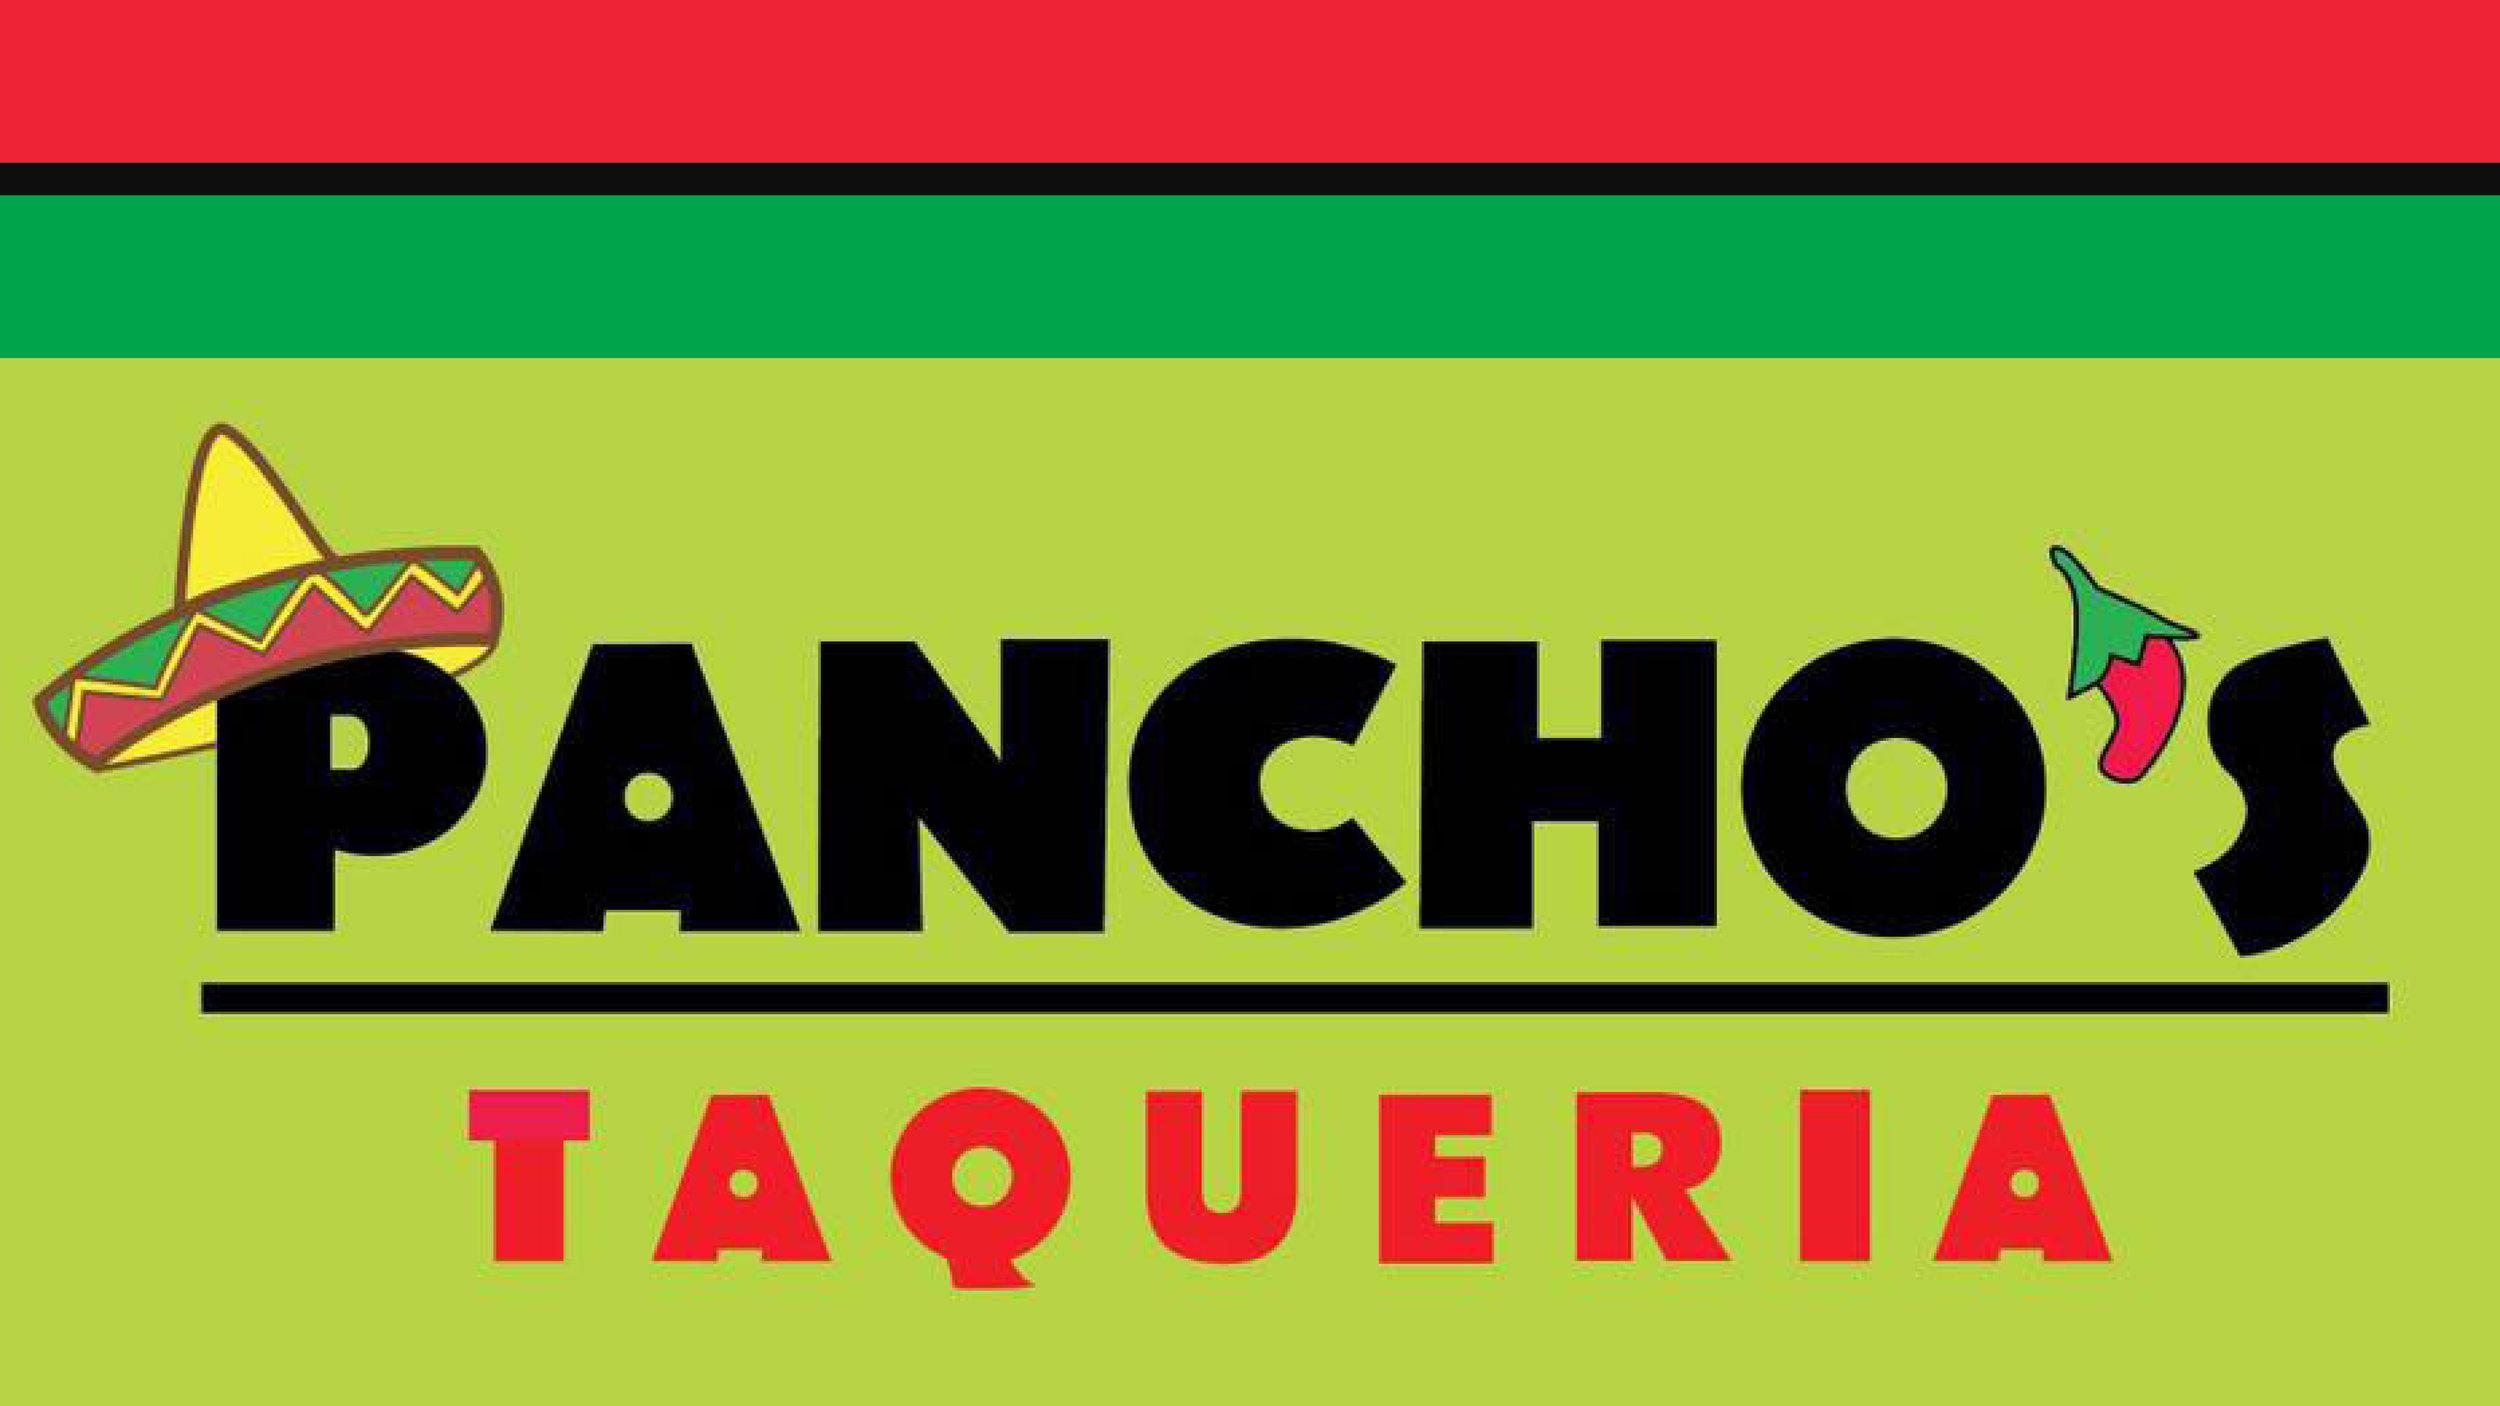 Panchos.jpg